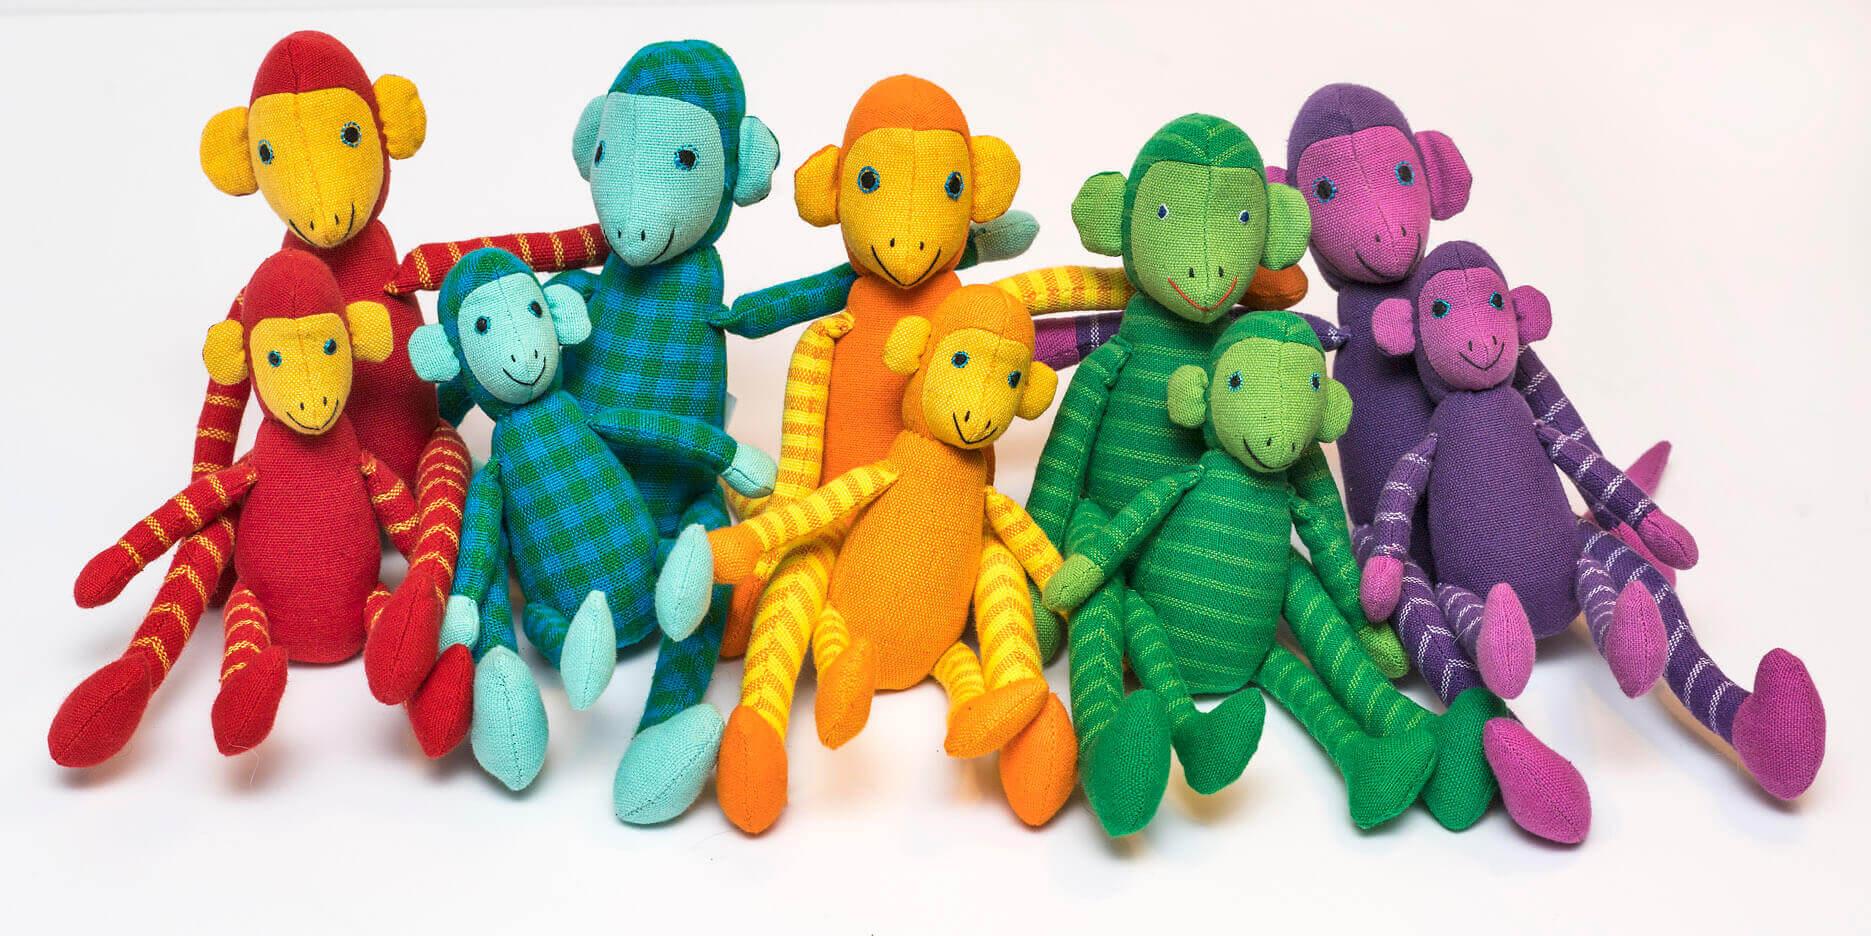 10 tygapor som maskot eller leksak, i två storlekar och 5 olika färger och mönster. Fair Trade från Sri Lanka.